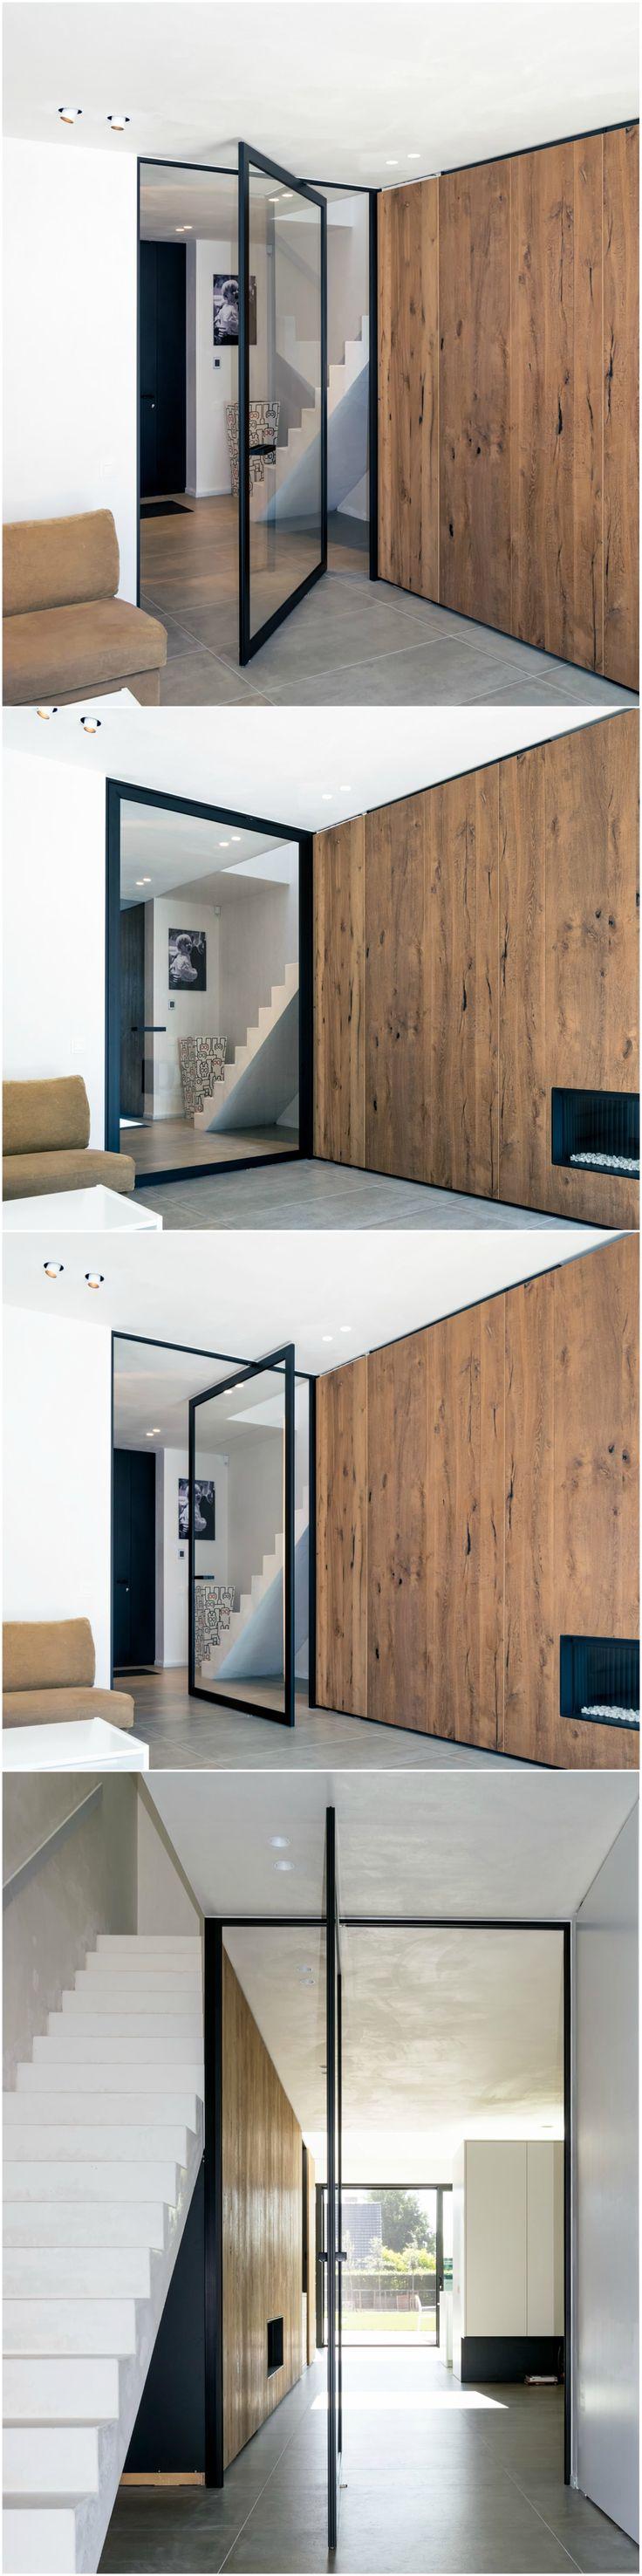 Moderne stalen taatsdeuren op maat van Anyway Doors. Het minimalistische kozijn zorgt voor een geluidloze afsluiting, waarbij je de deur in 2 richtingen 180° kan openen.